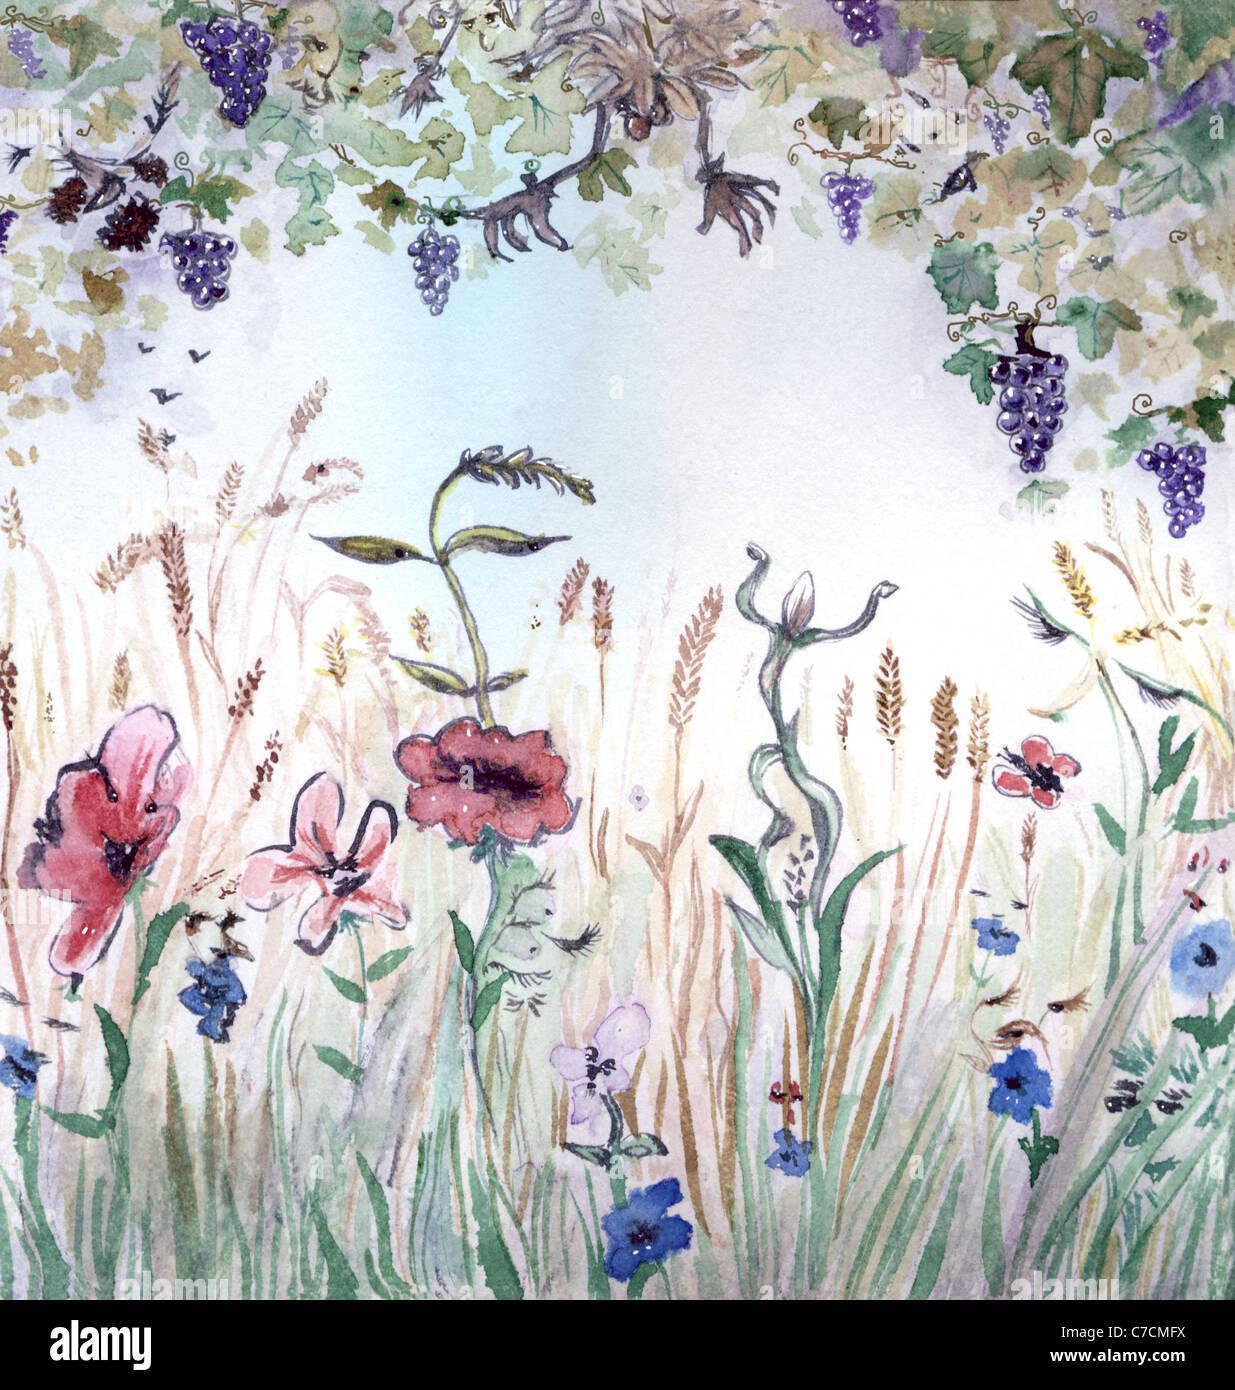 Saison d'automne, l'allégorie, illustration à l'aquarelle Photo Stock